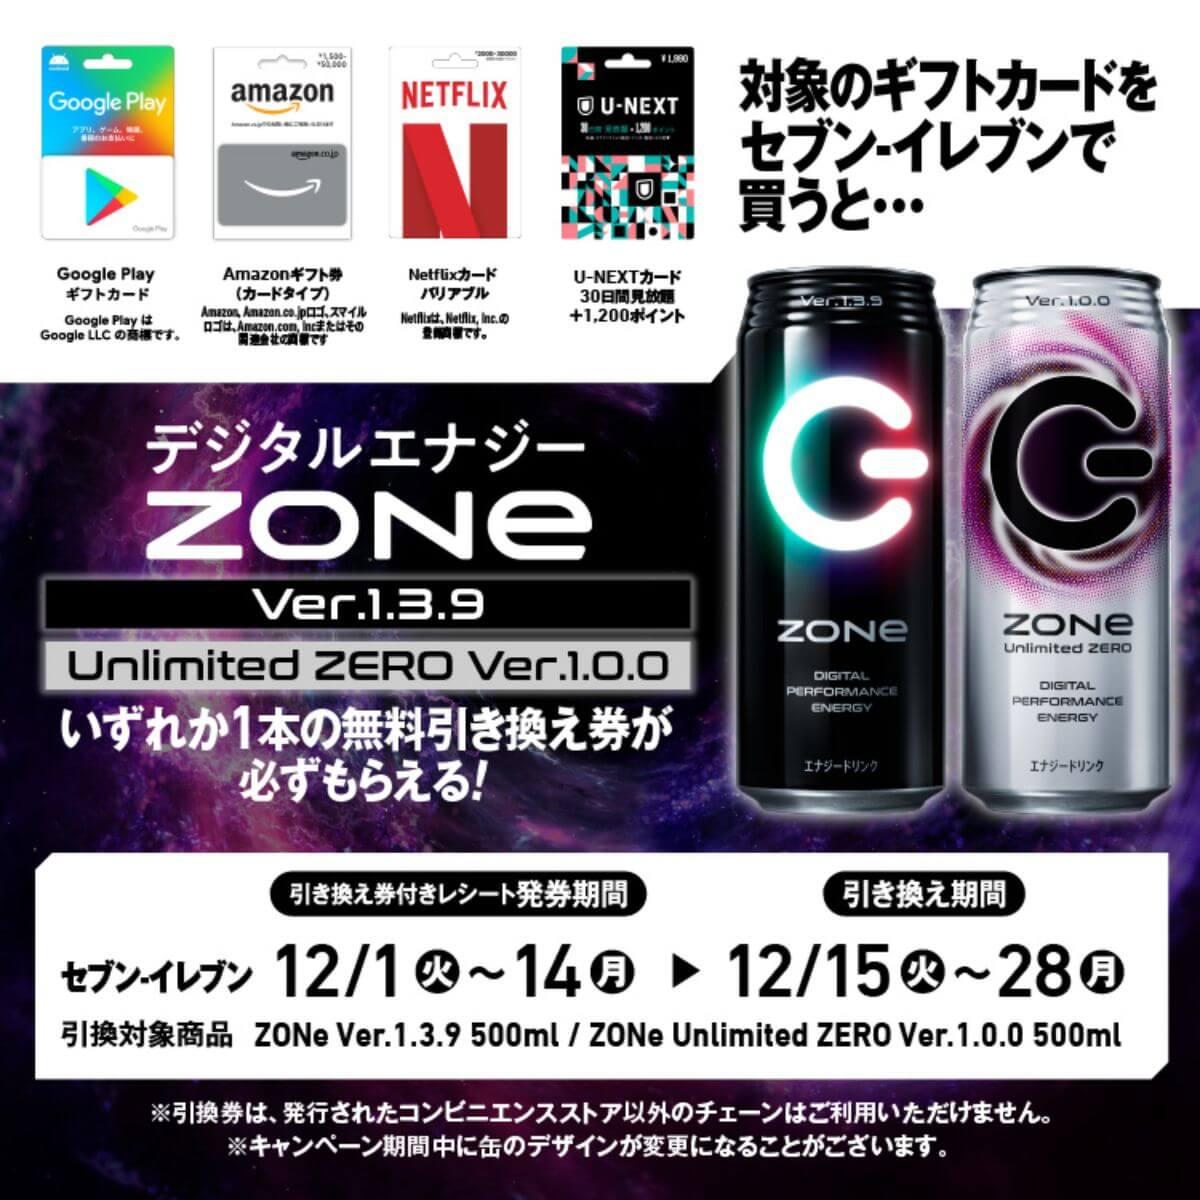 ZONe 無料引き換えキャンペーン_12月 第1弾セブン-イレブン